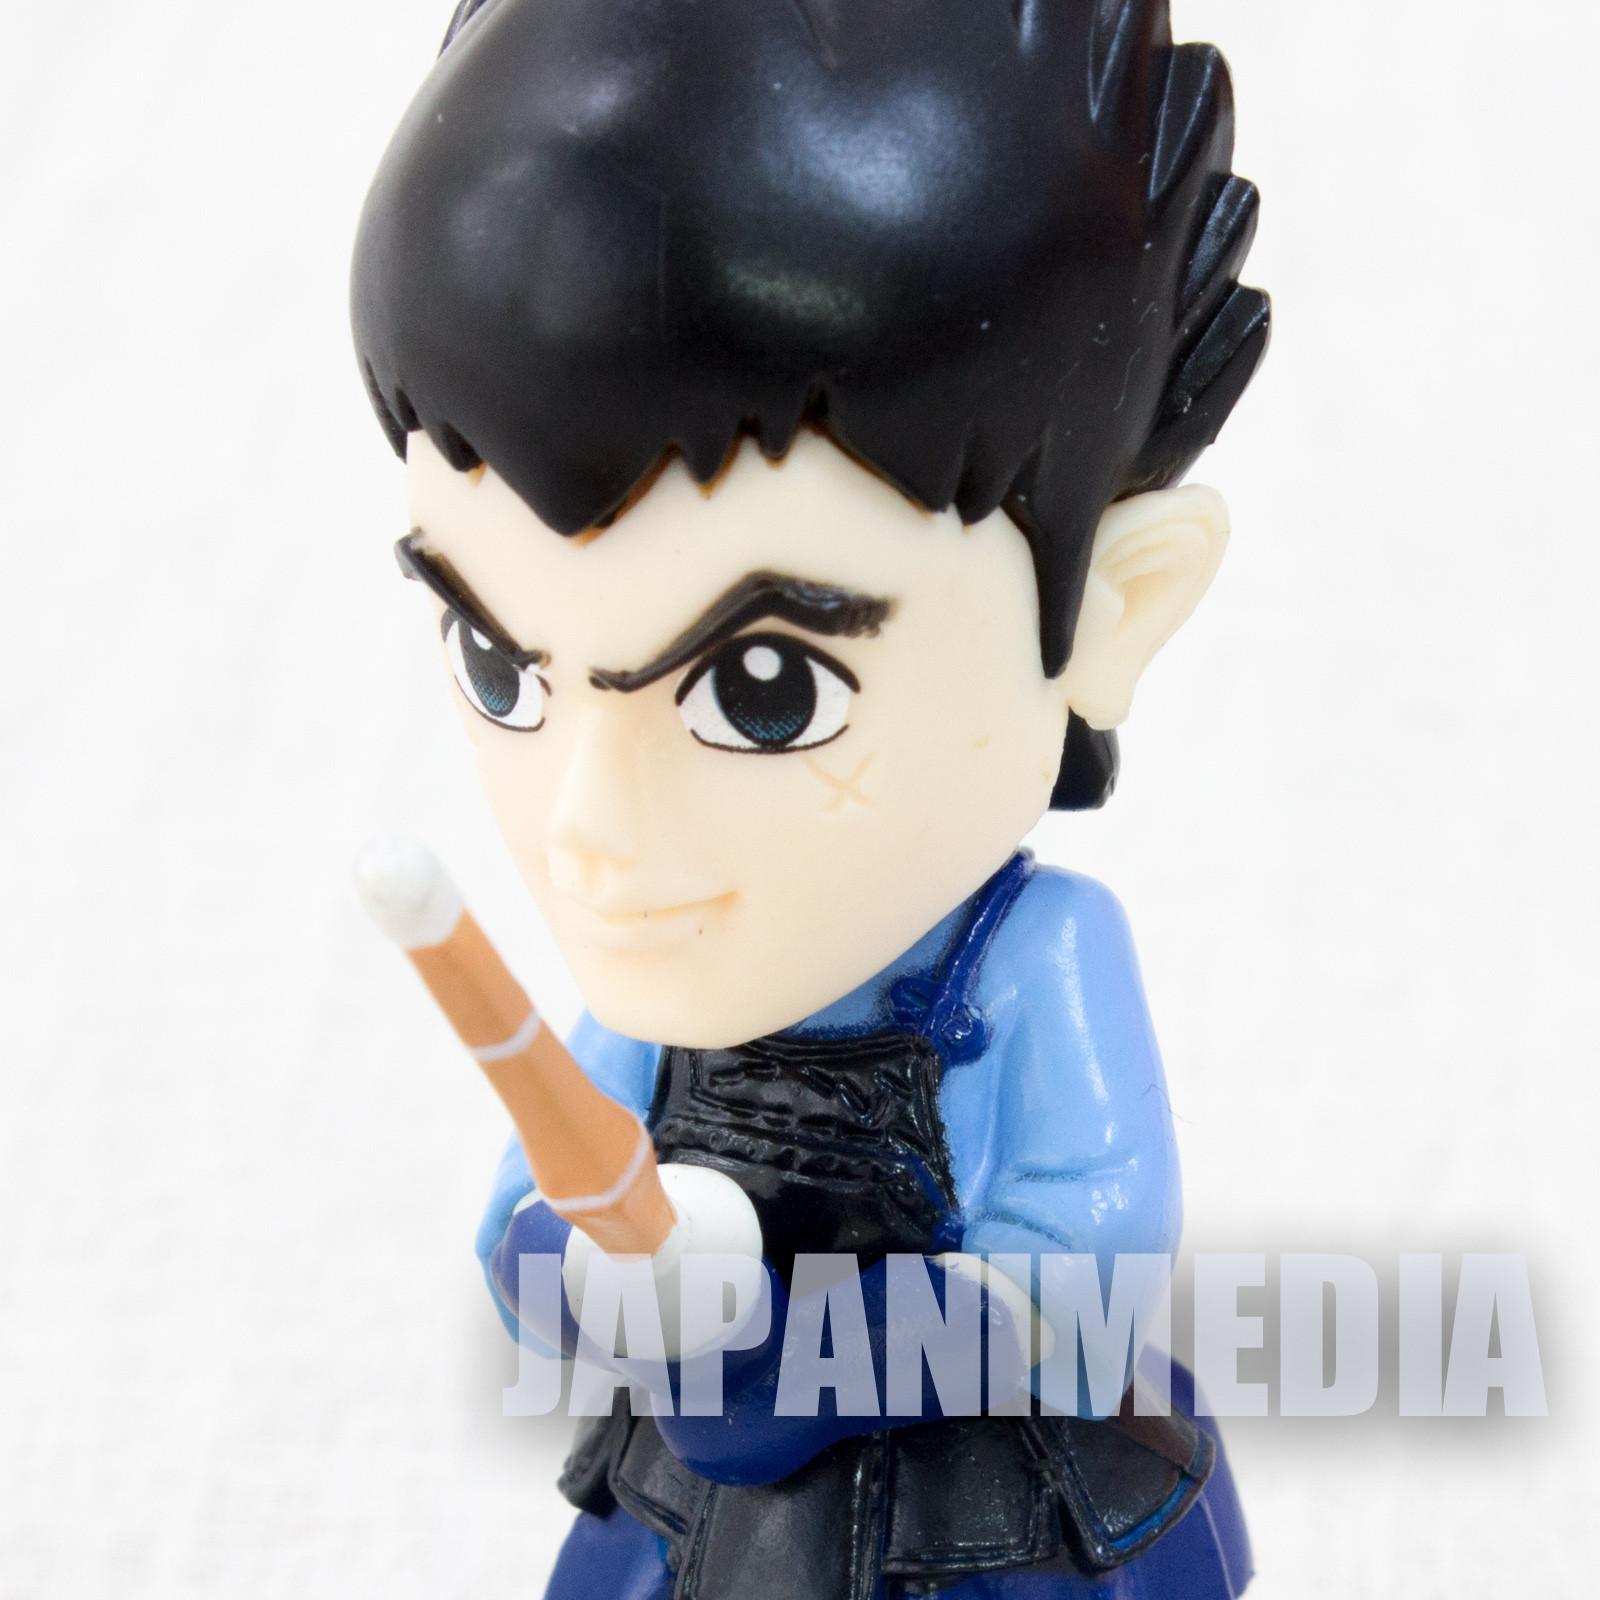 Musashi no Ken Natsuki Musashi Bobbin Head Figure Toy Full JAPAN ANIME